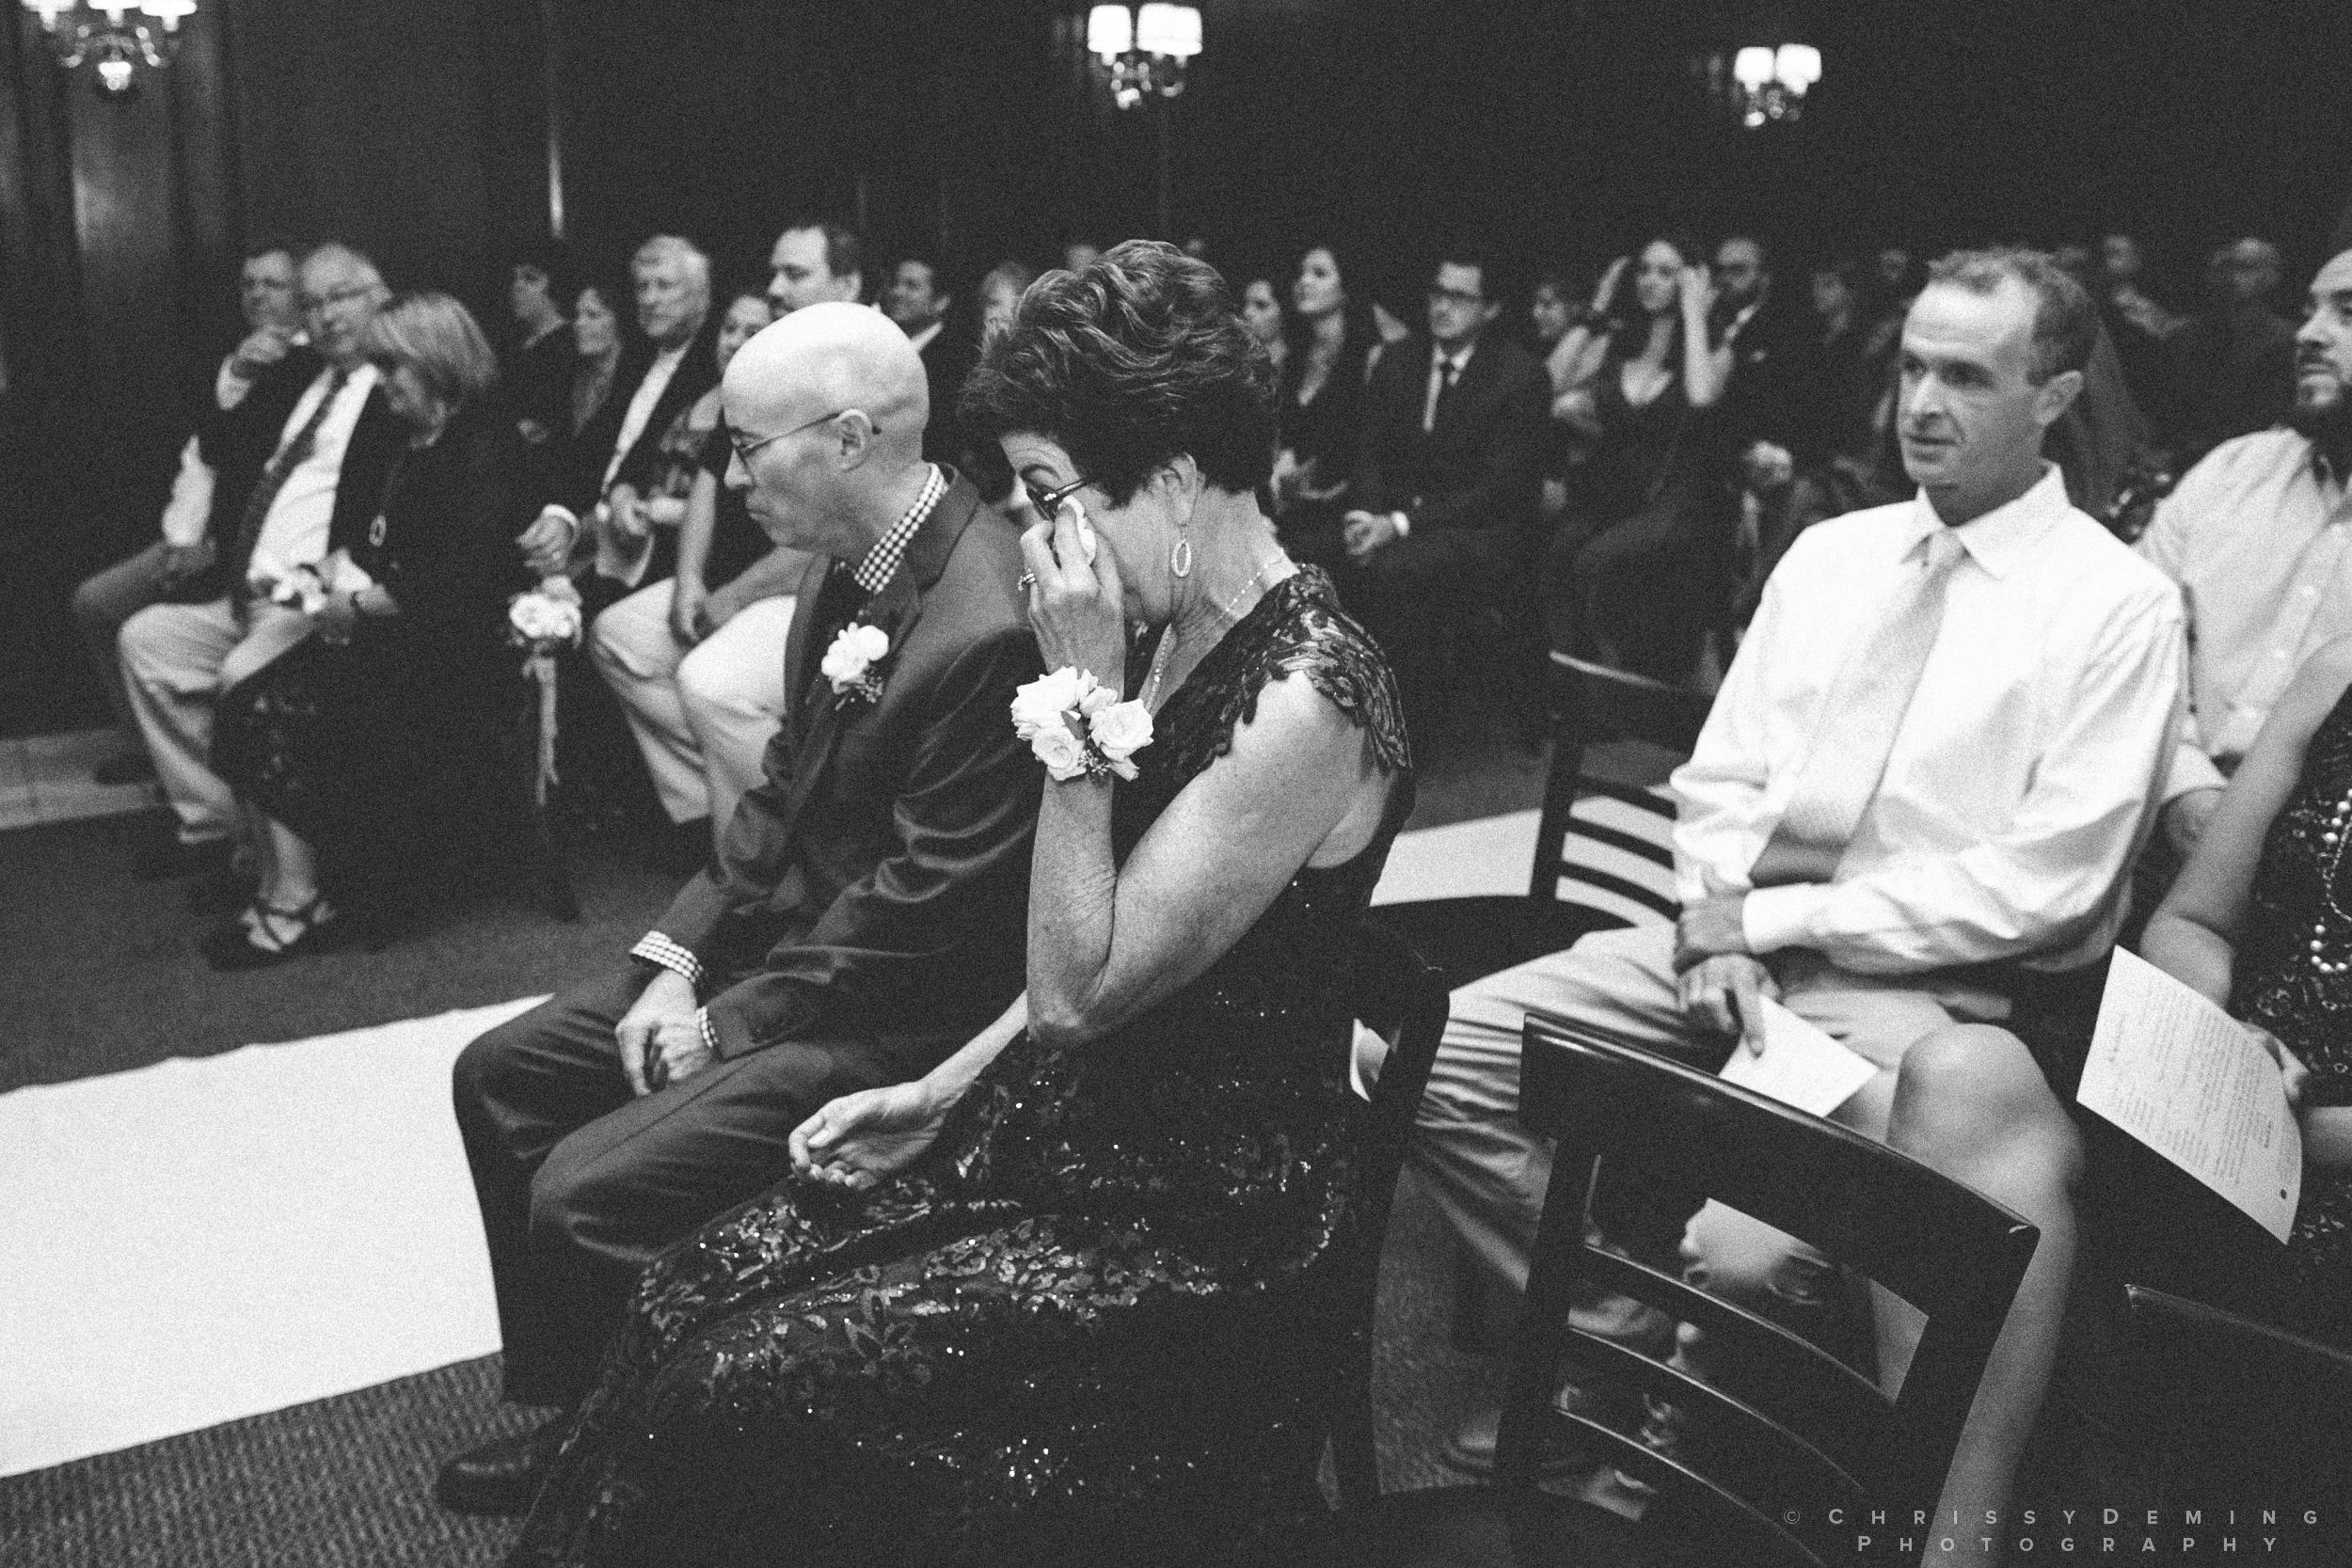 salvatores_chicago_ wedding_photographer_0044.jpg